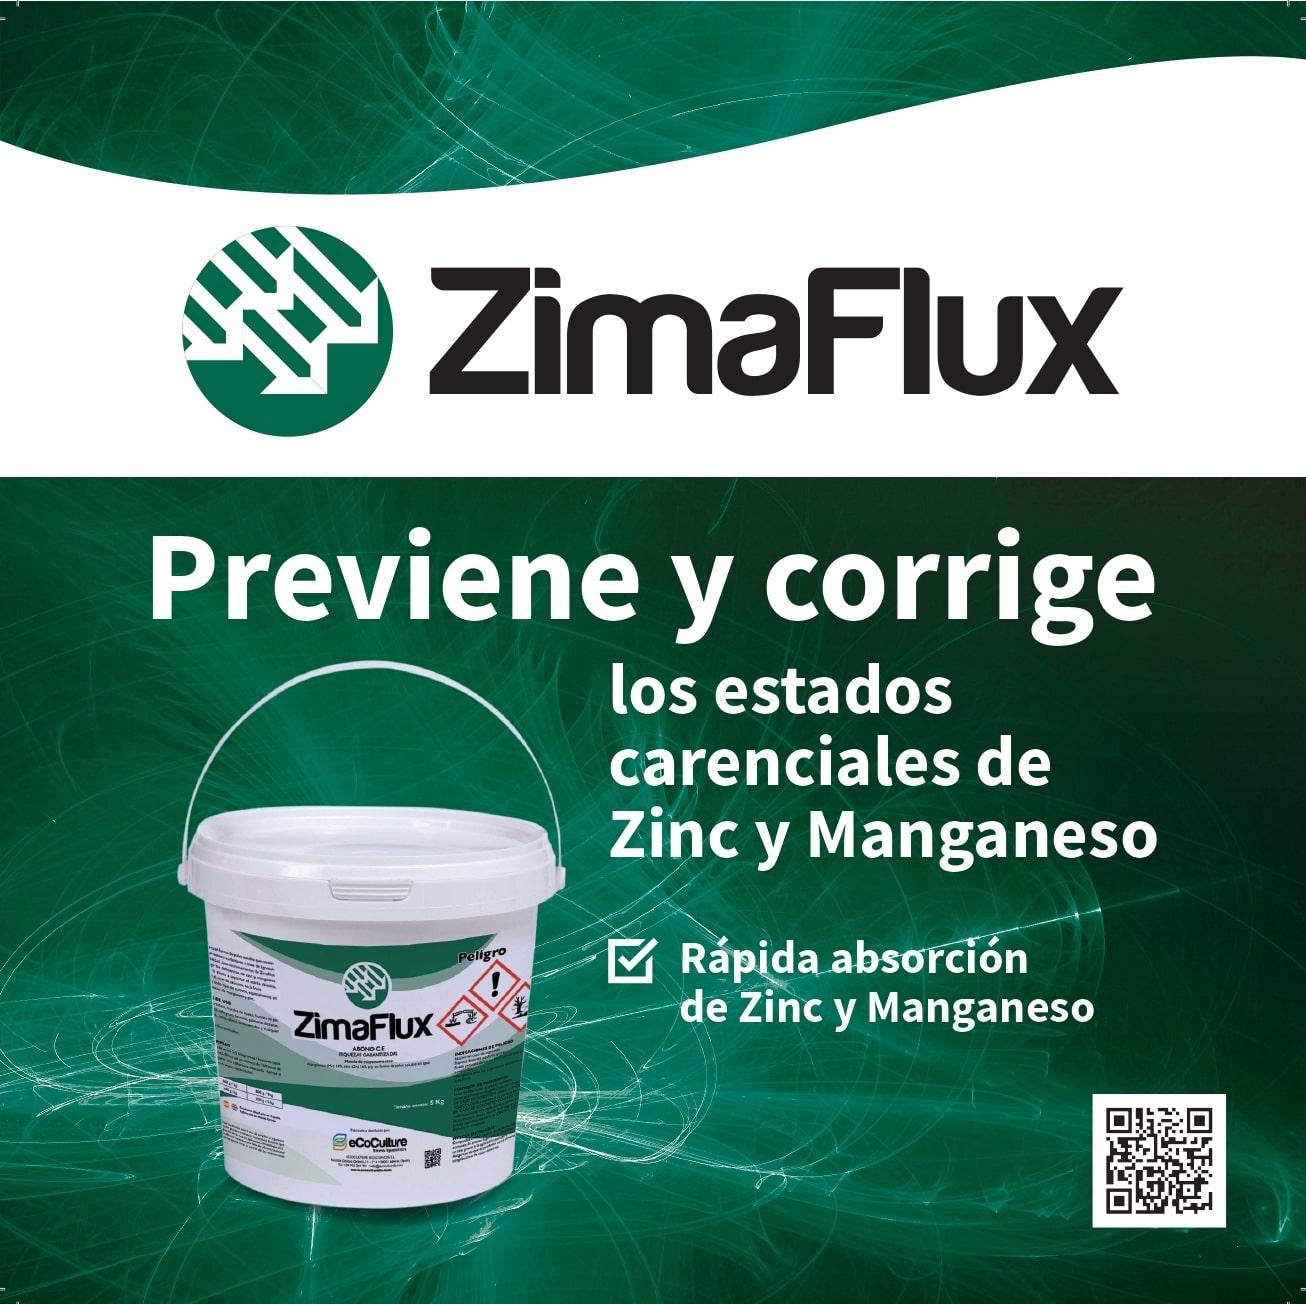 ZimaFlux